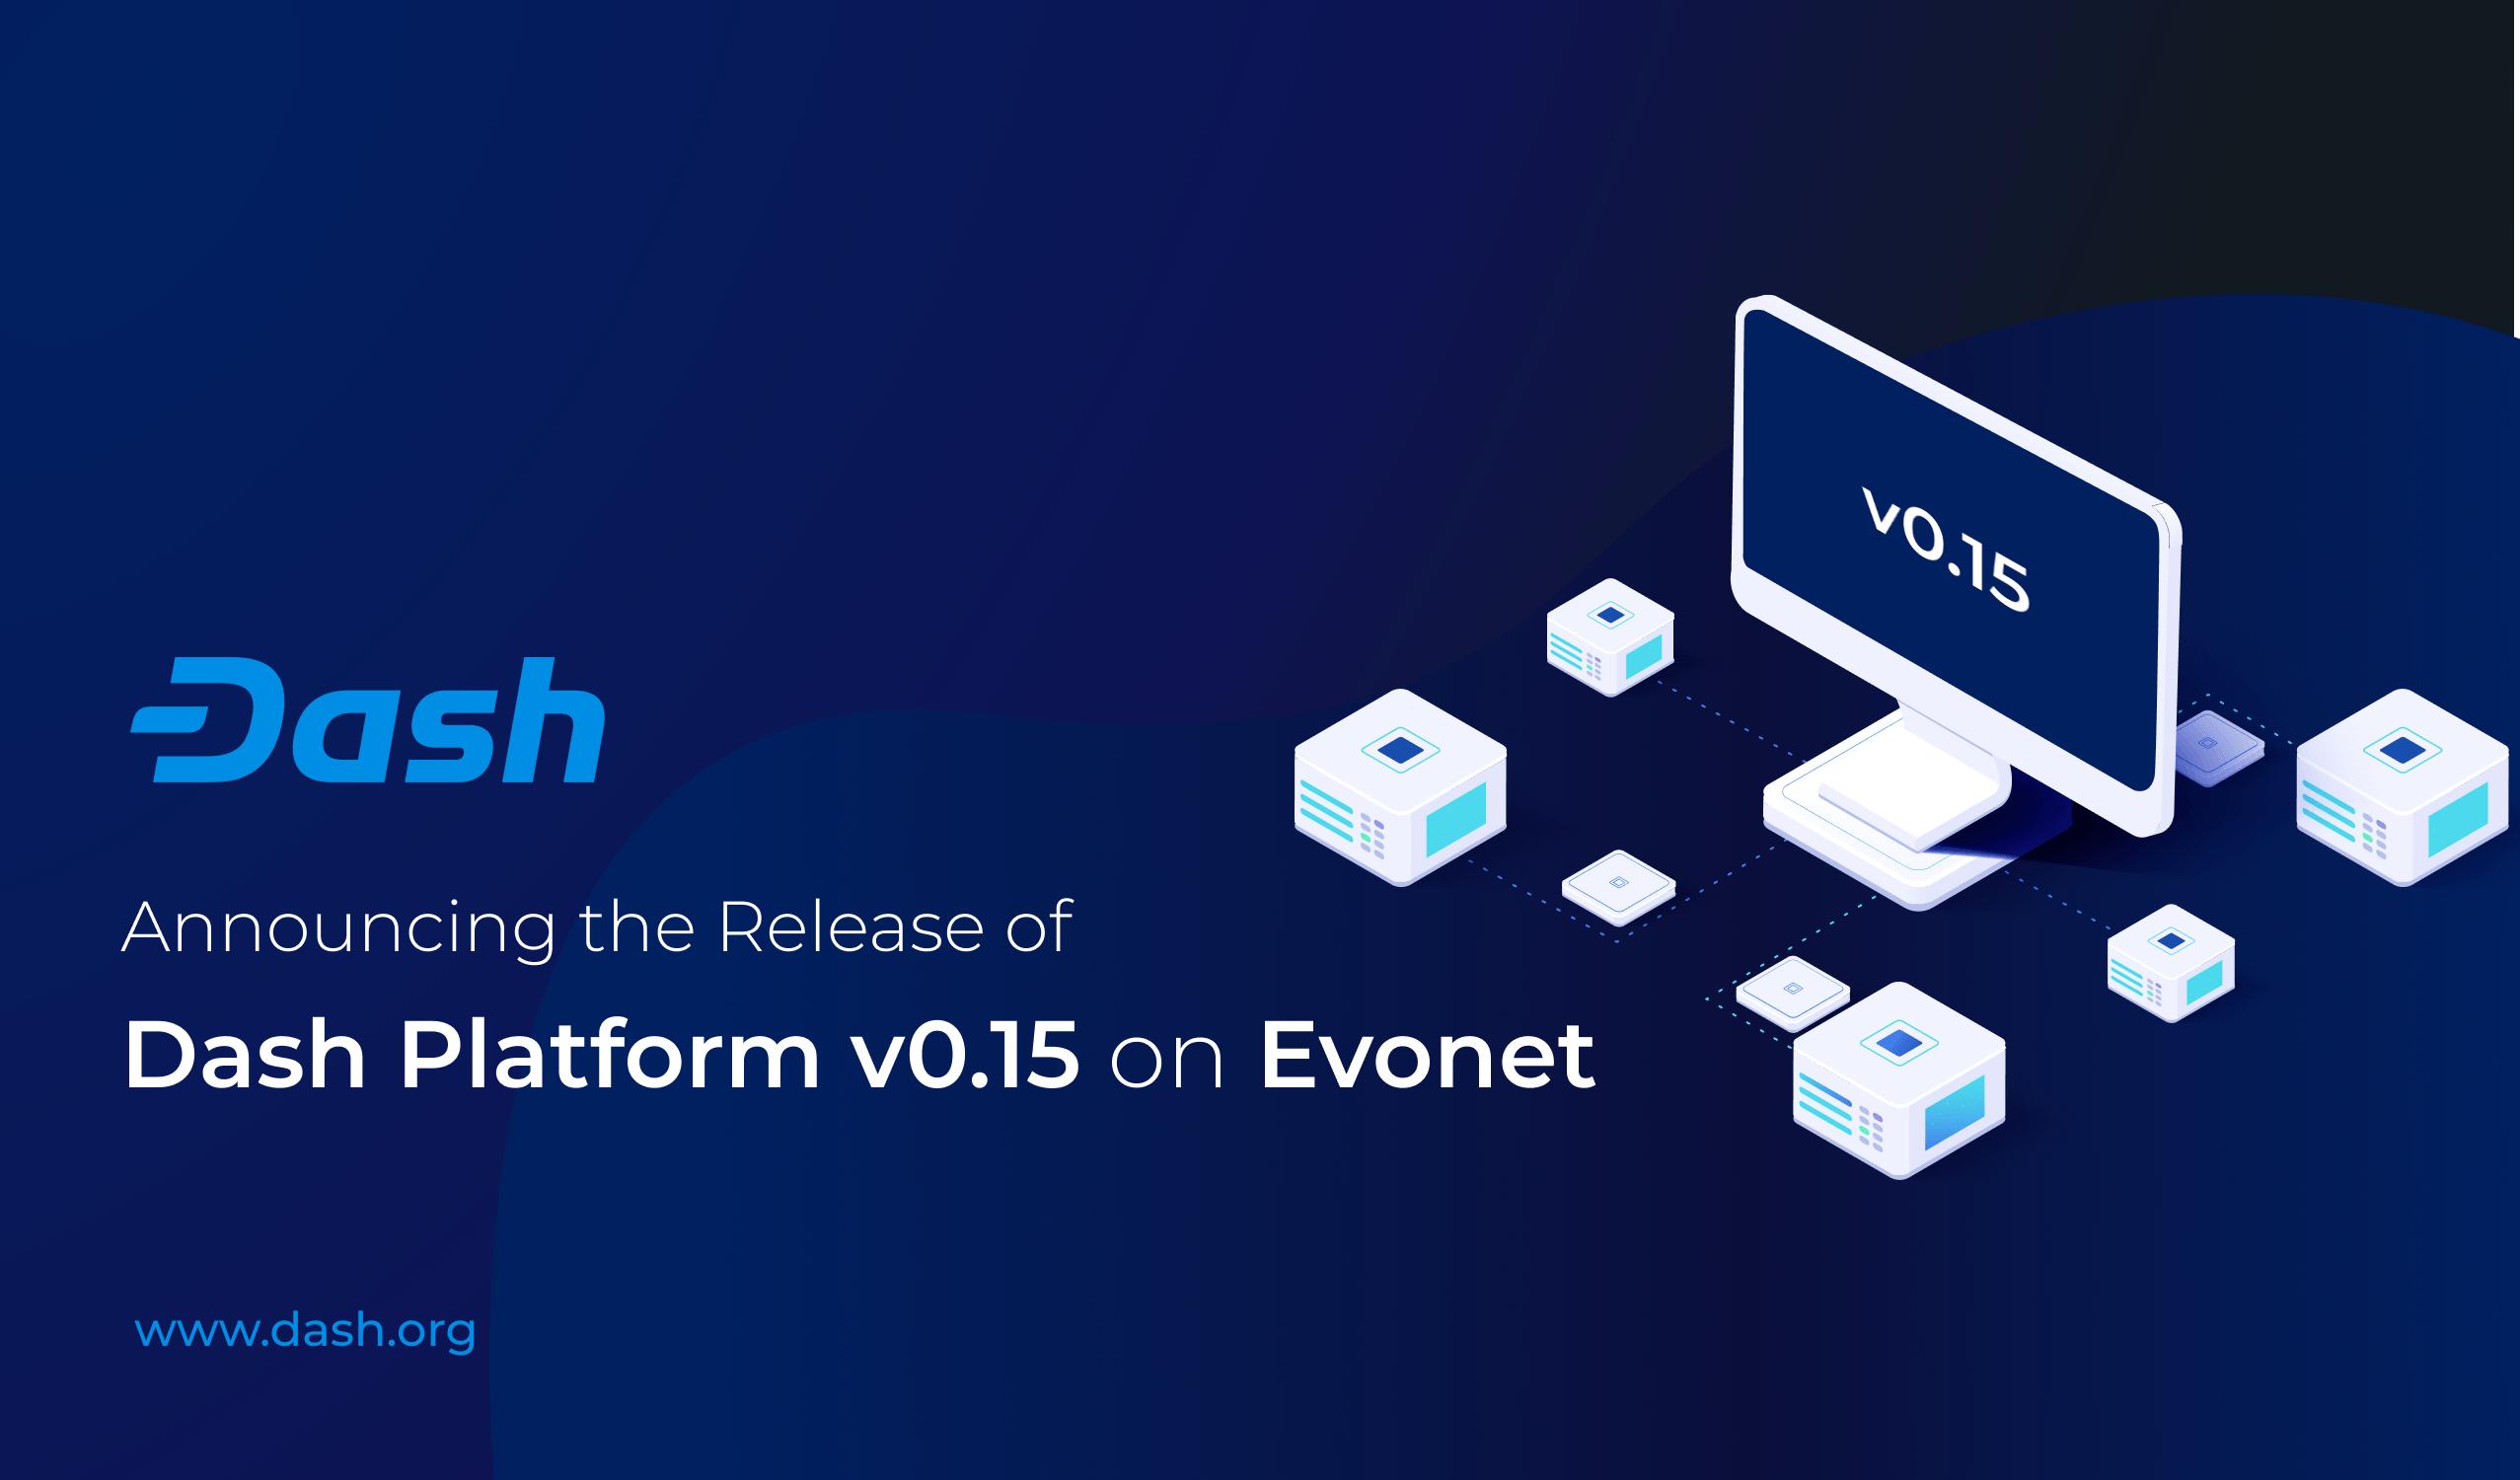 Dash представила обновленную версию платформы для DApps